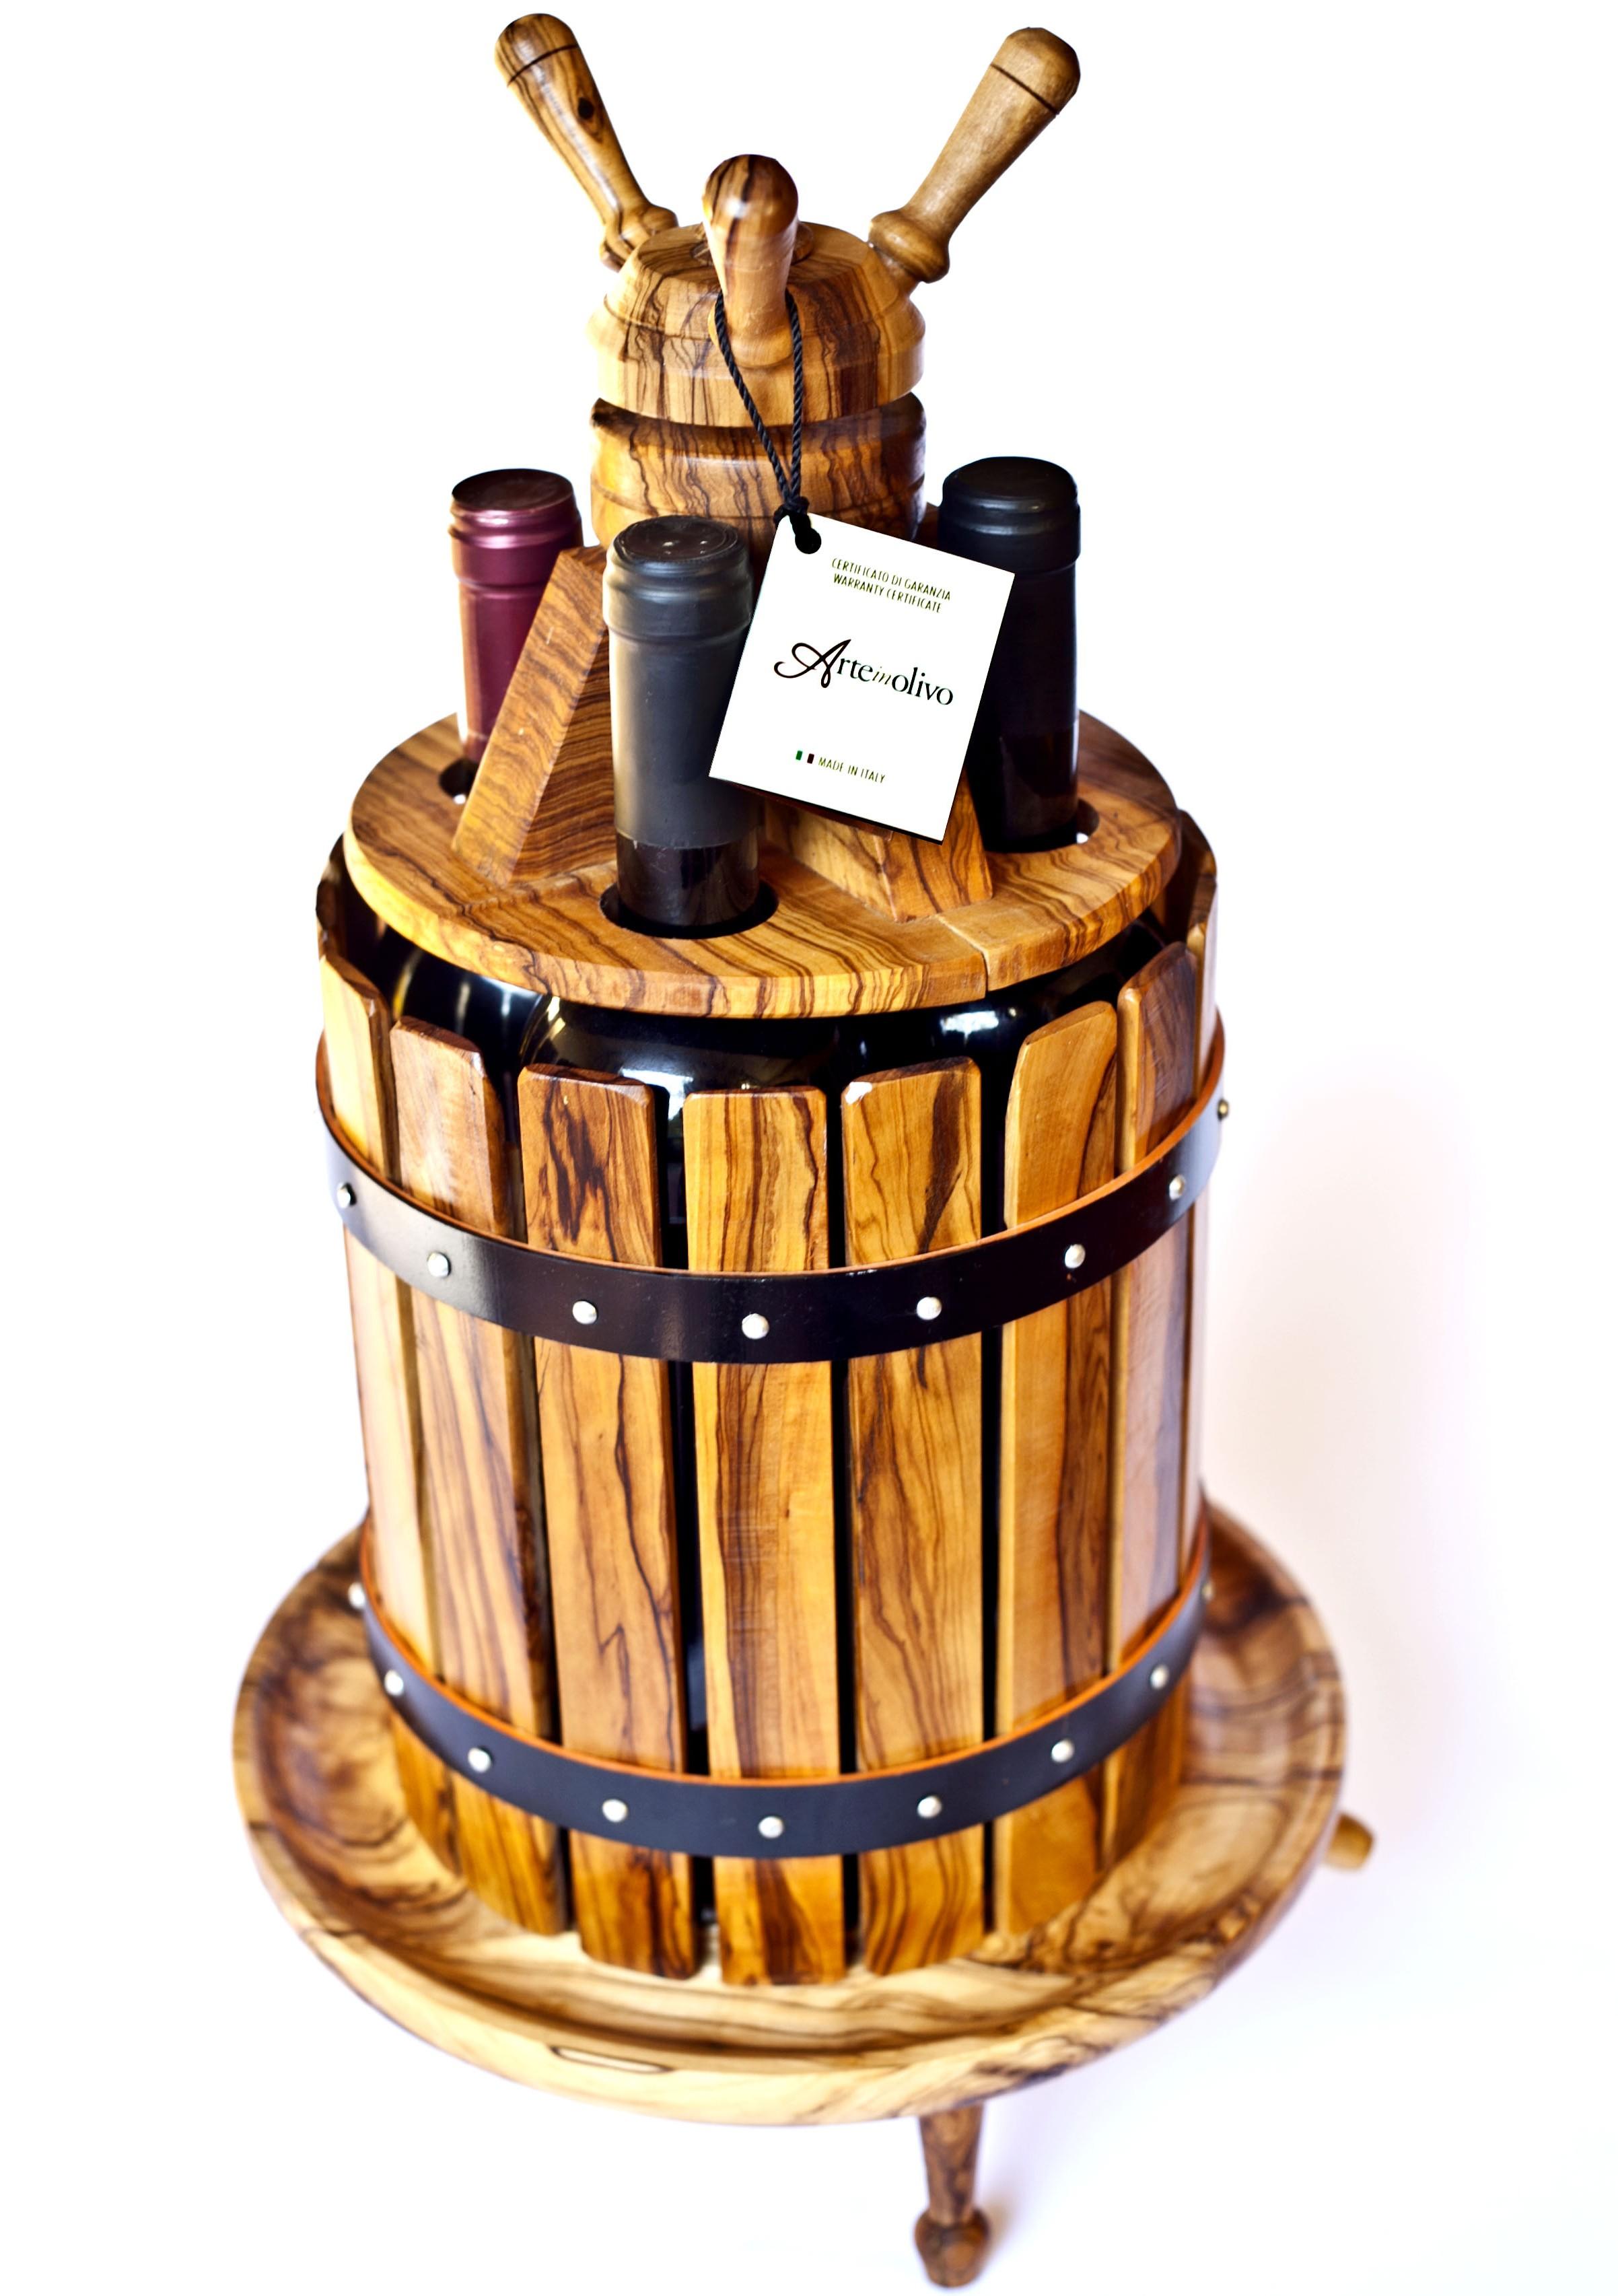 Torchio portabottiglie arte in olivo - Portabottiglie di vino in legno ...